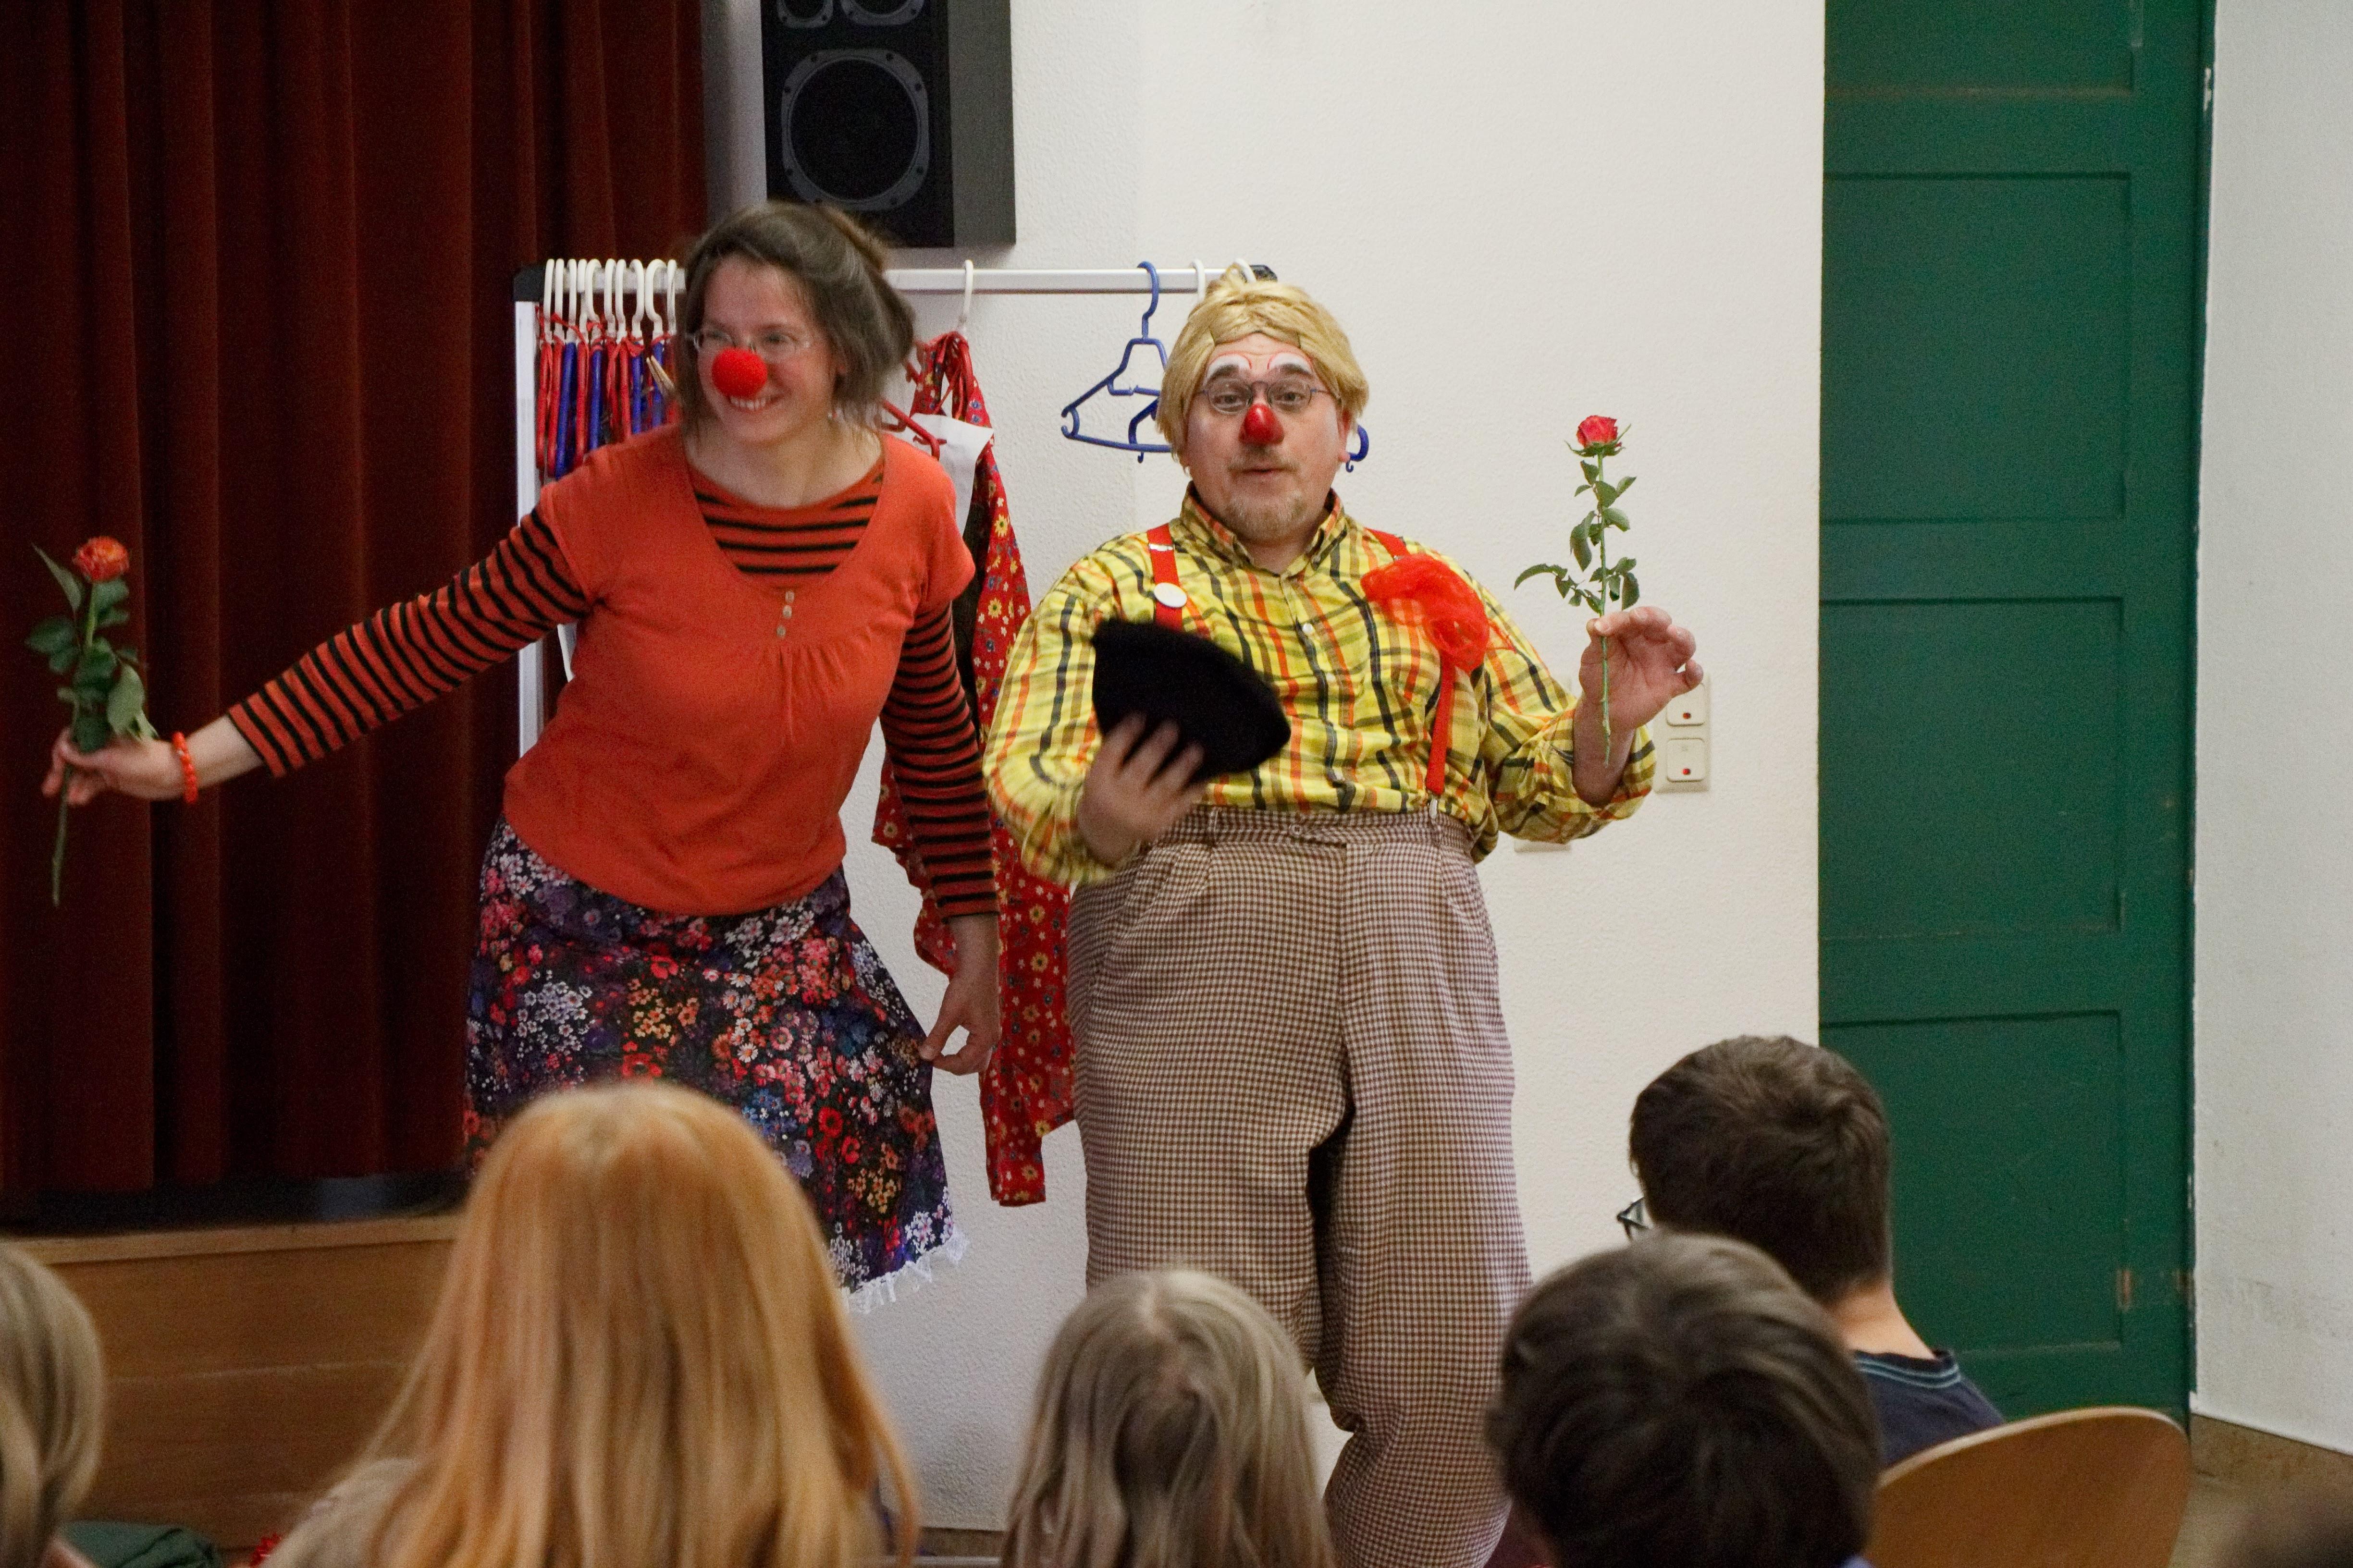 Kiki Kokolores Und Clown Tomtom